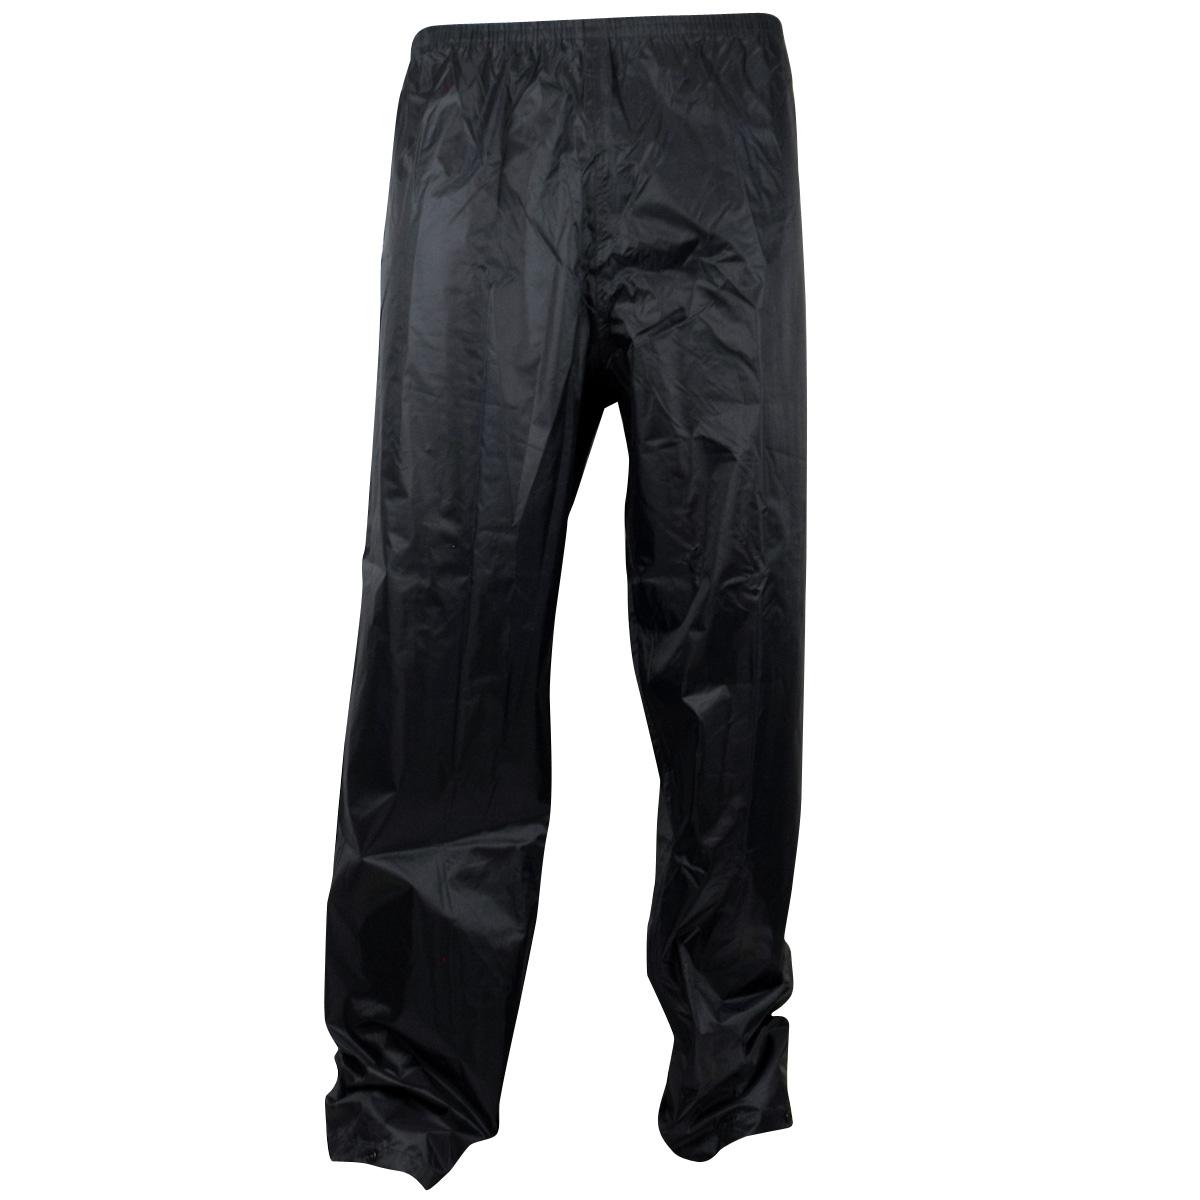 sur pantalon imperm able respirant hommes randonn e pluie moto travail ebay. Black Bedroom Furniture Sets. Home Design Ideas